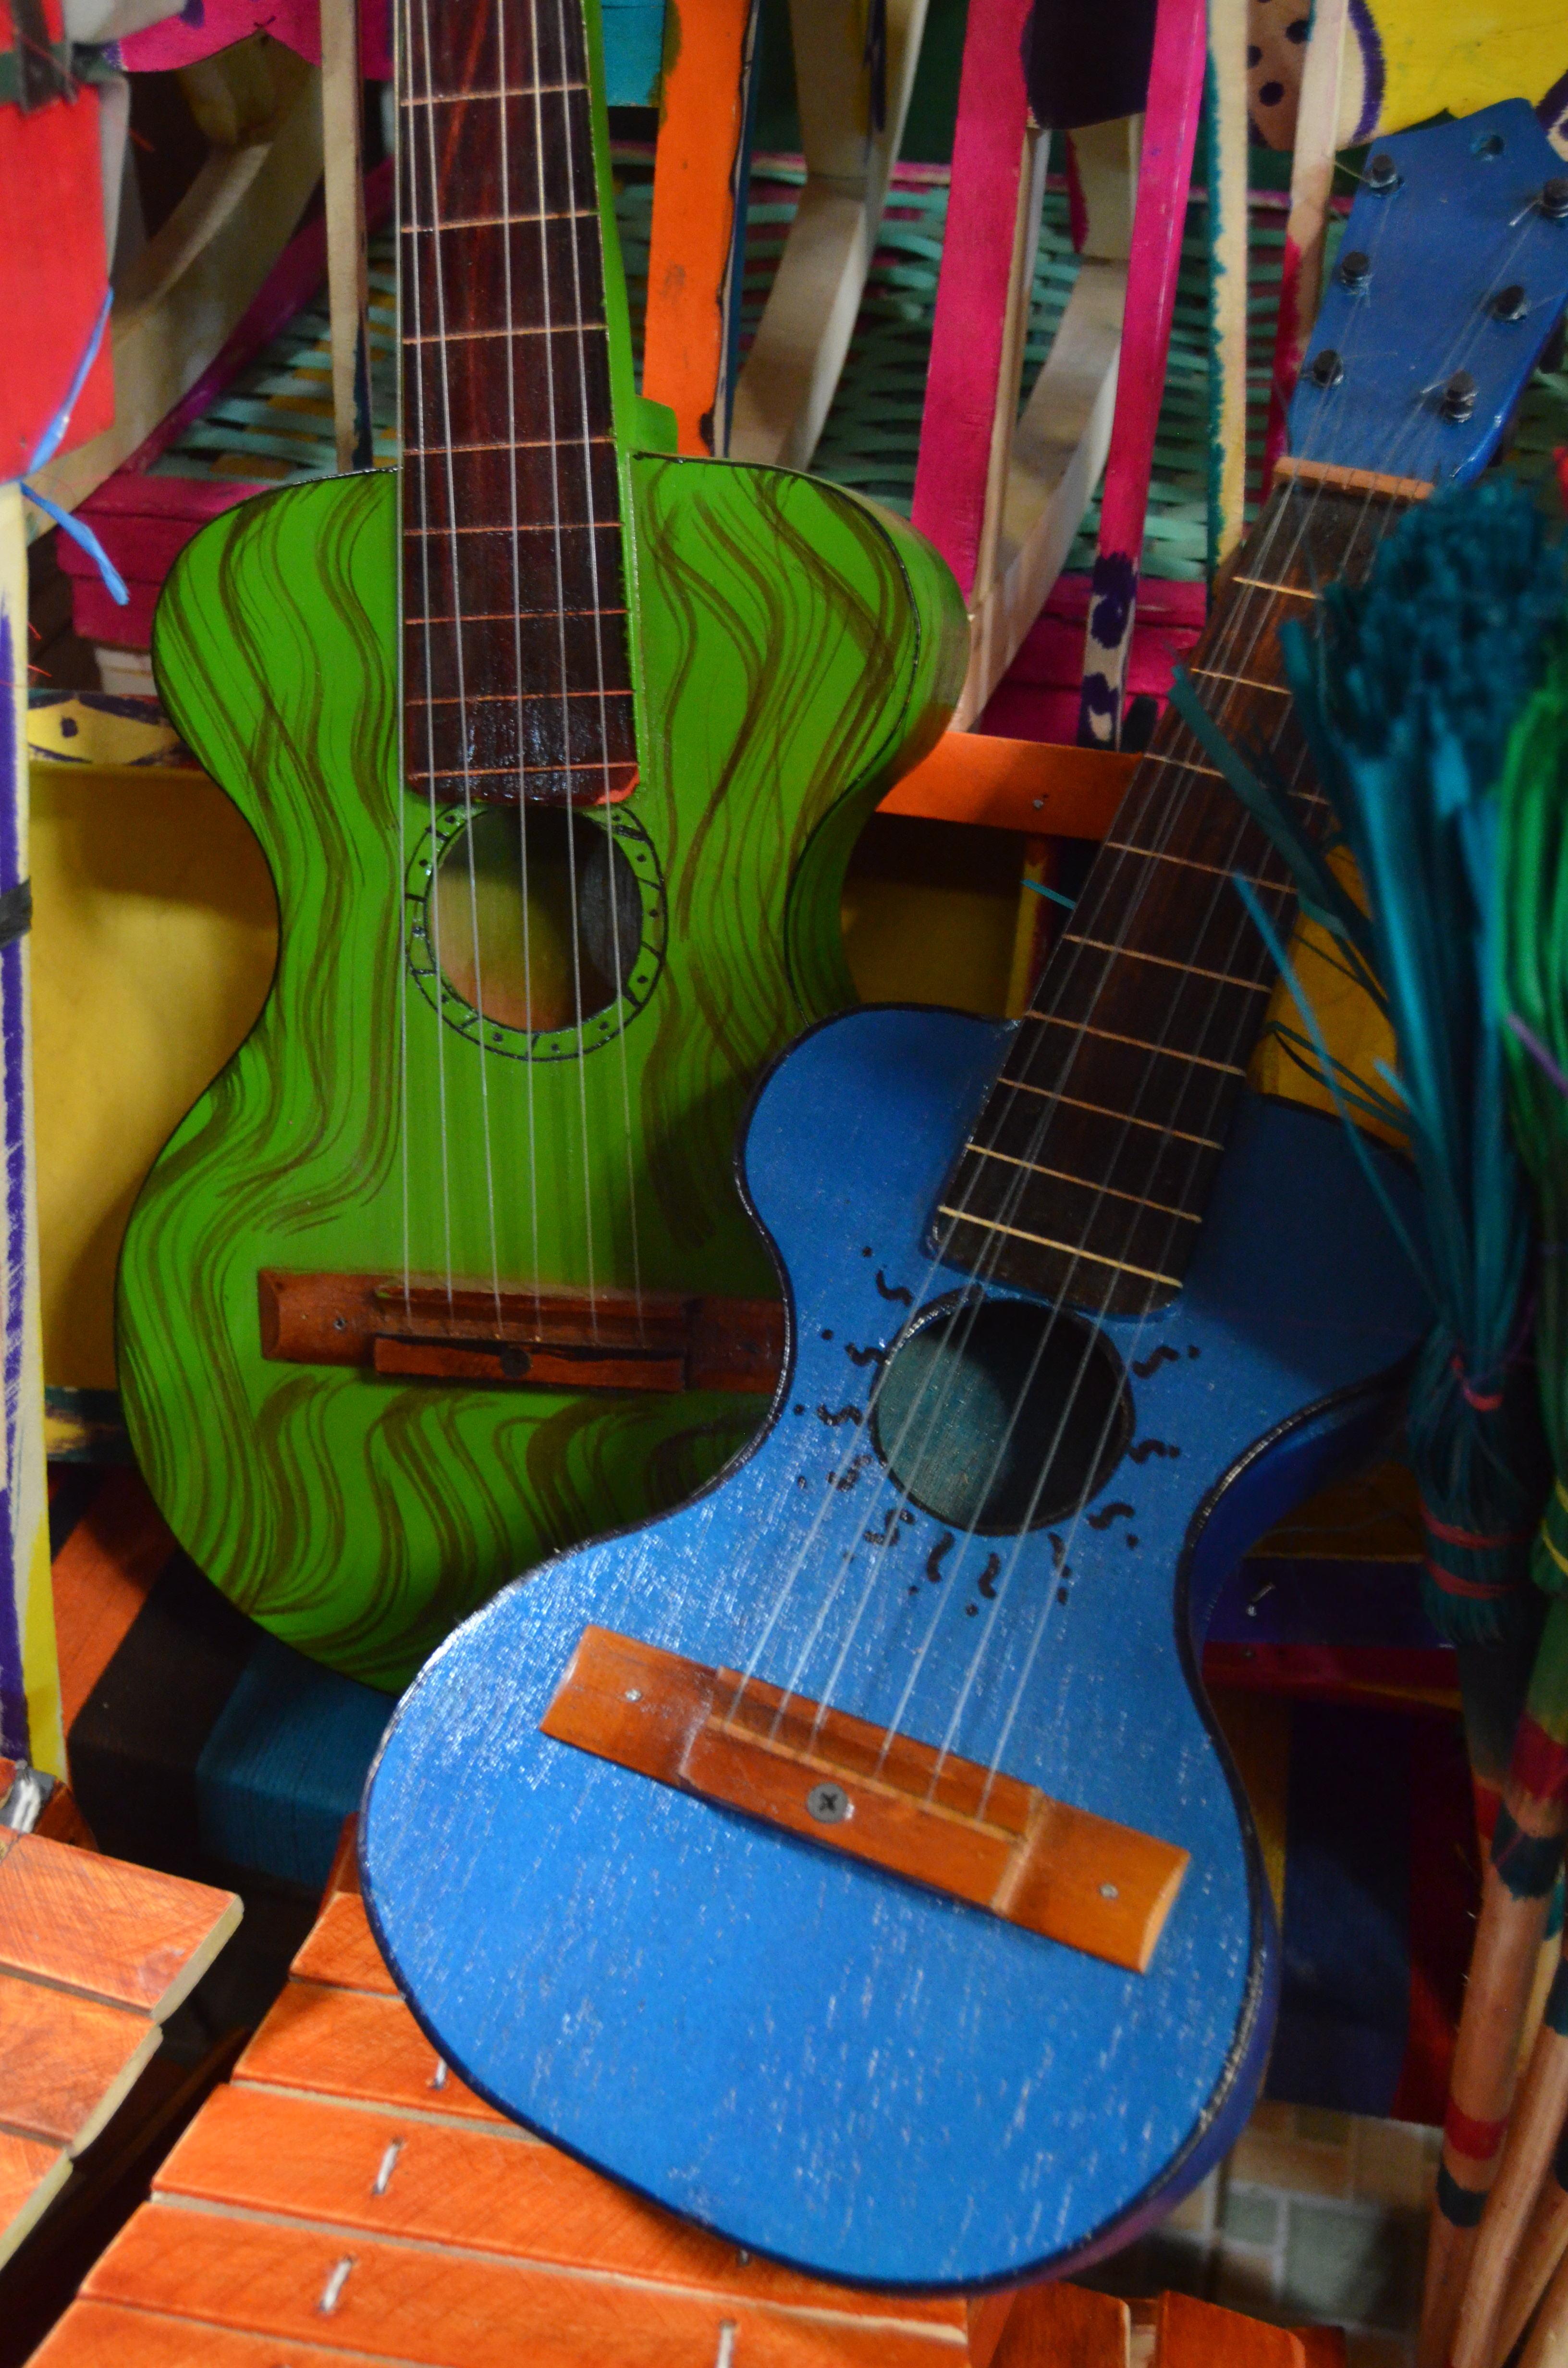 Guitars at Masaya Market